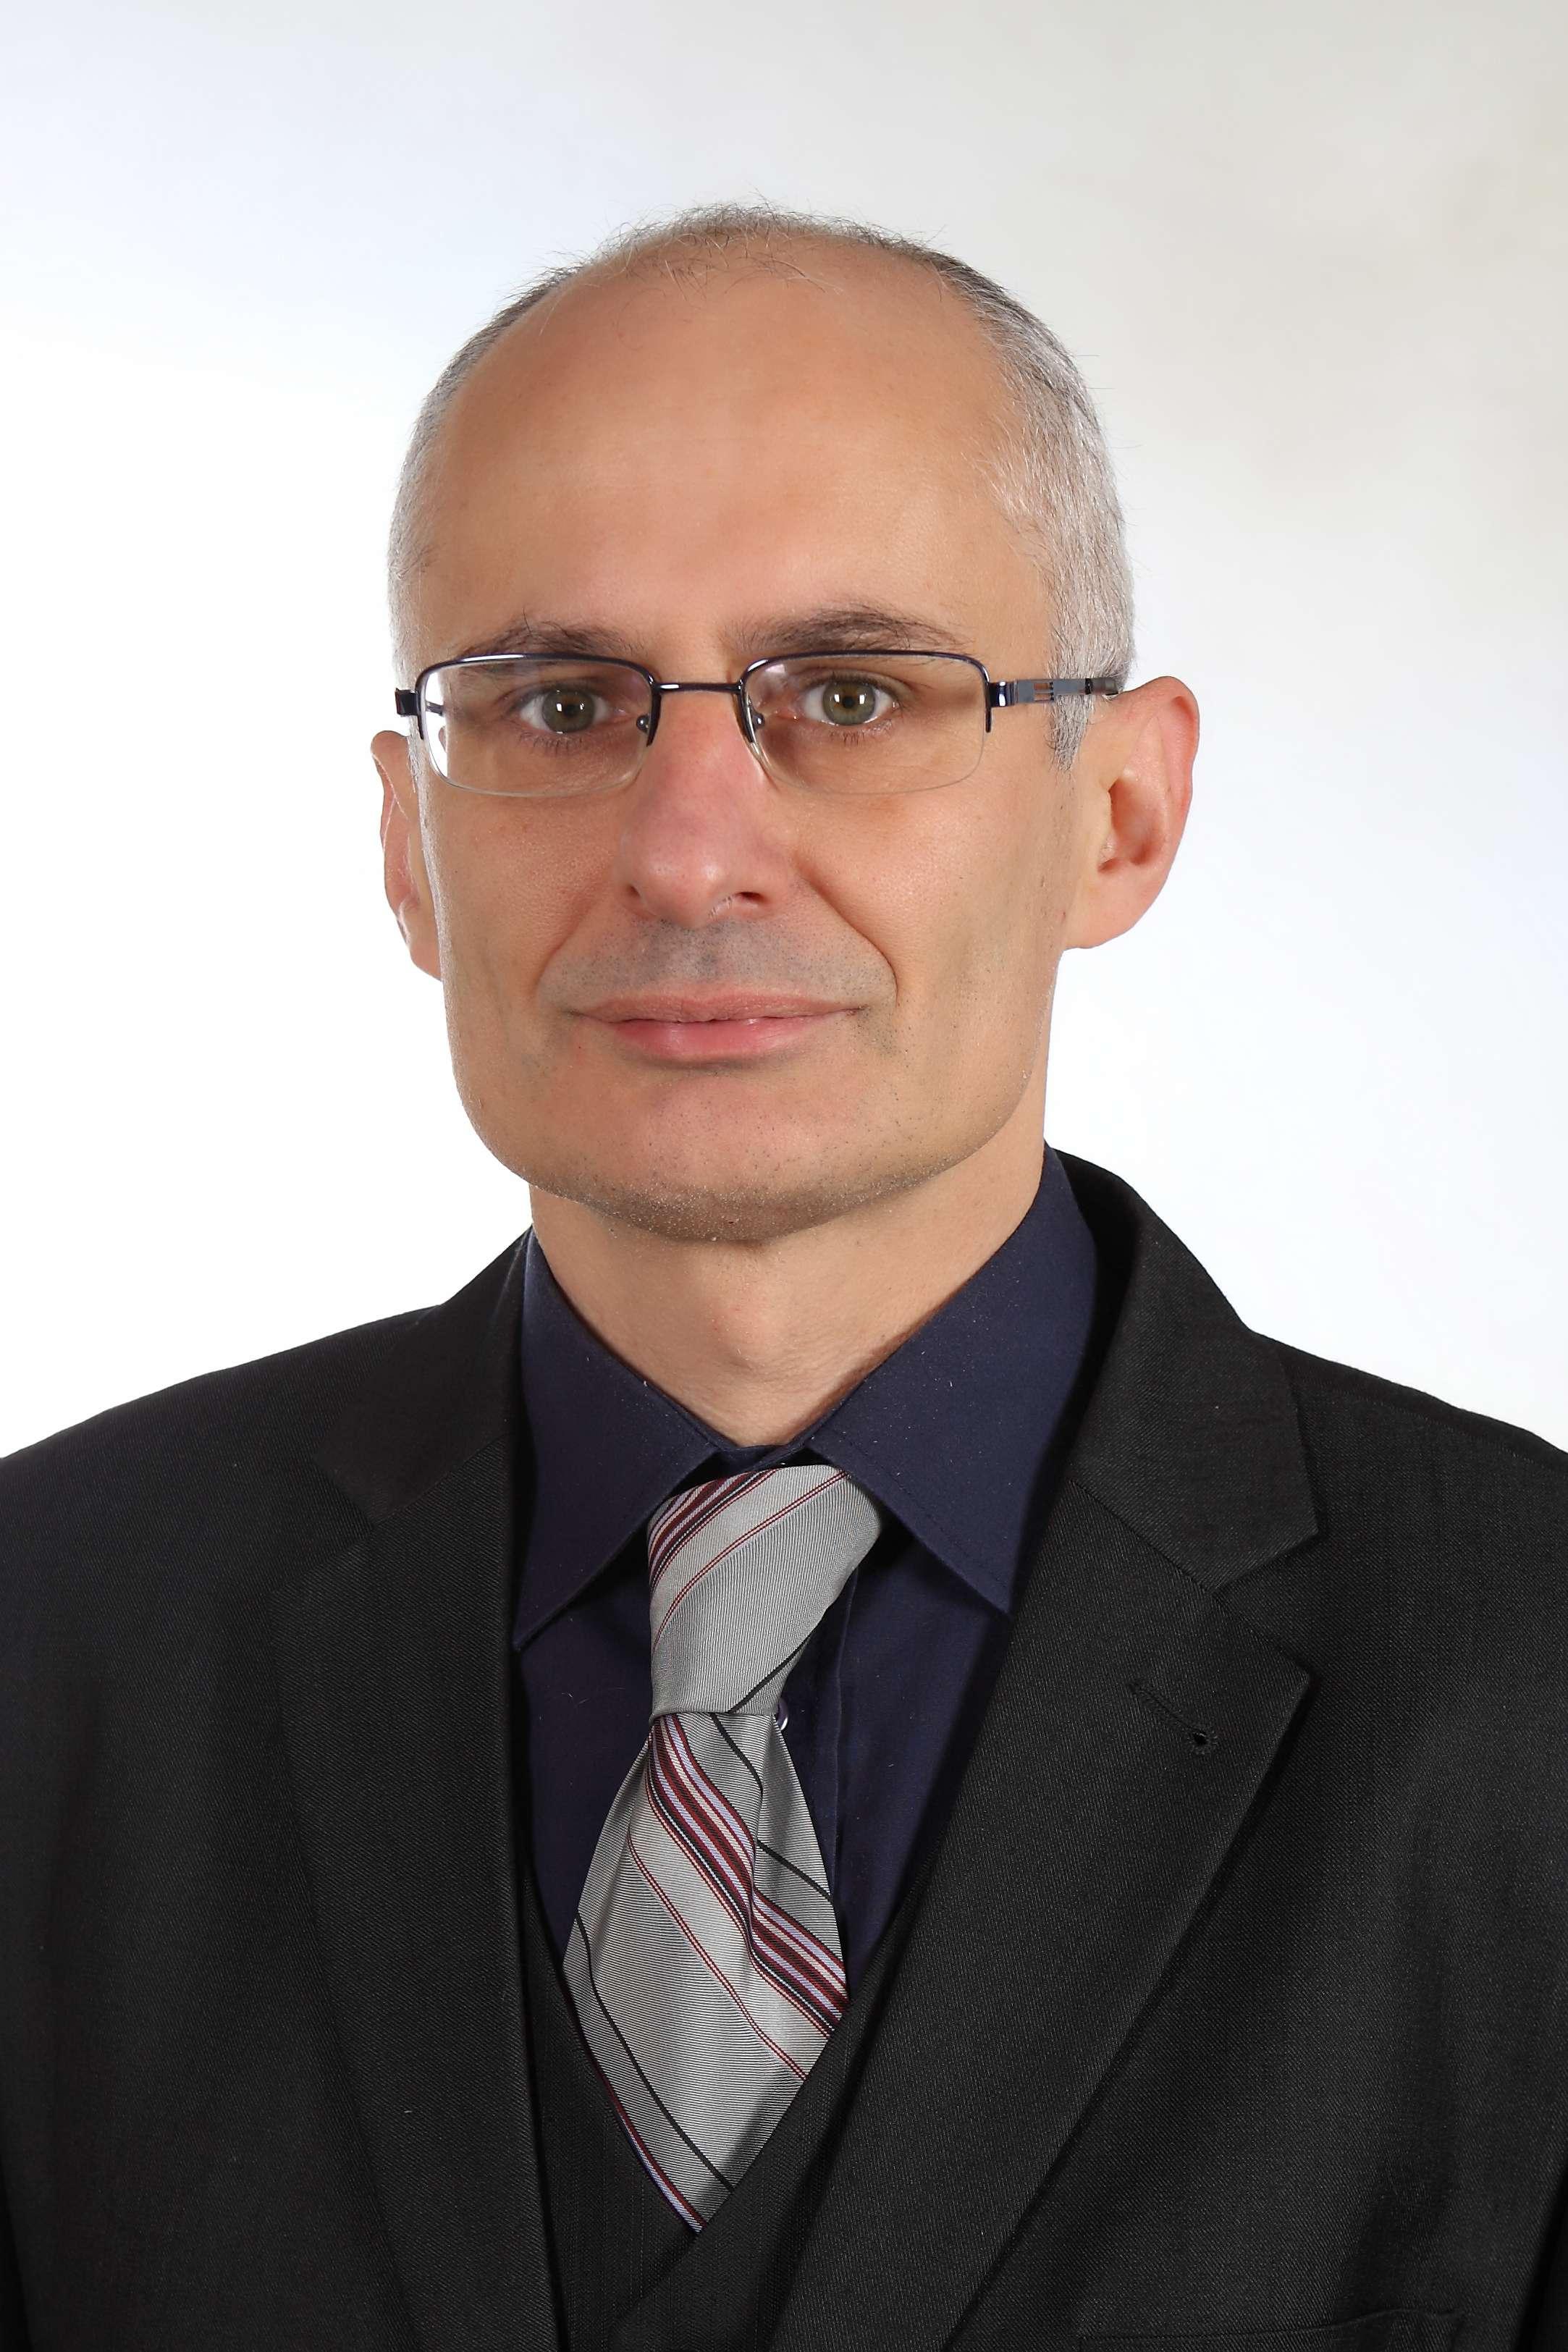 Wiesław Ratajczak